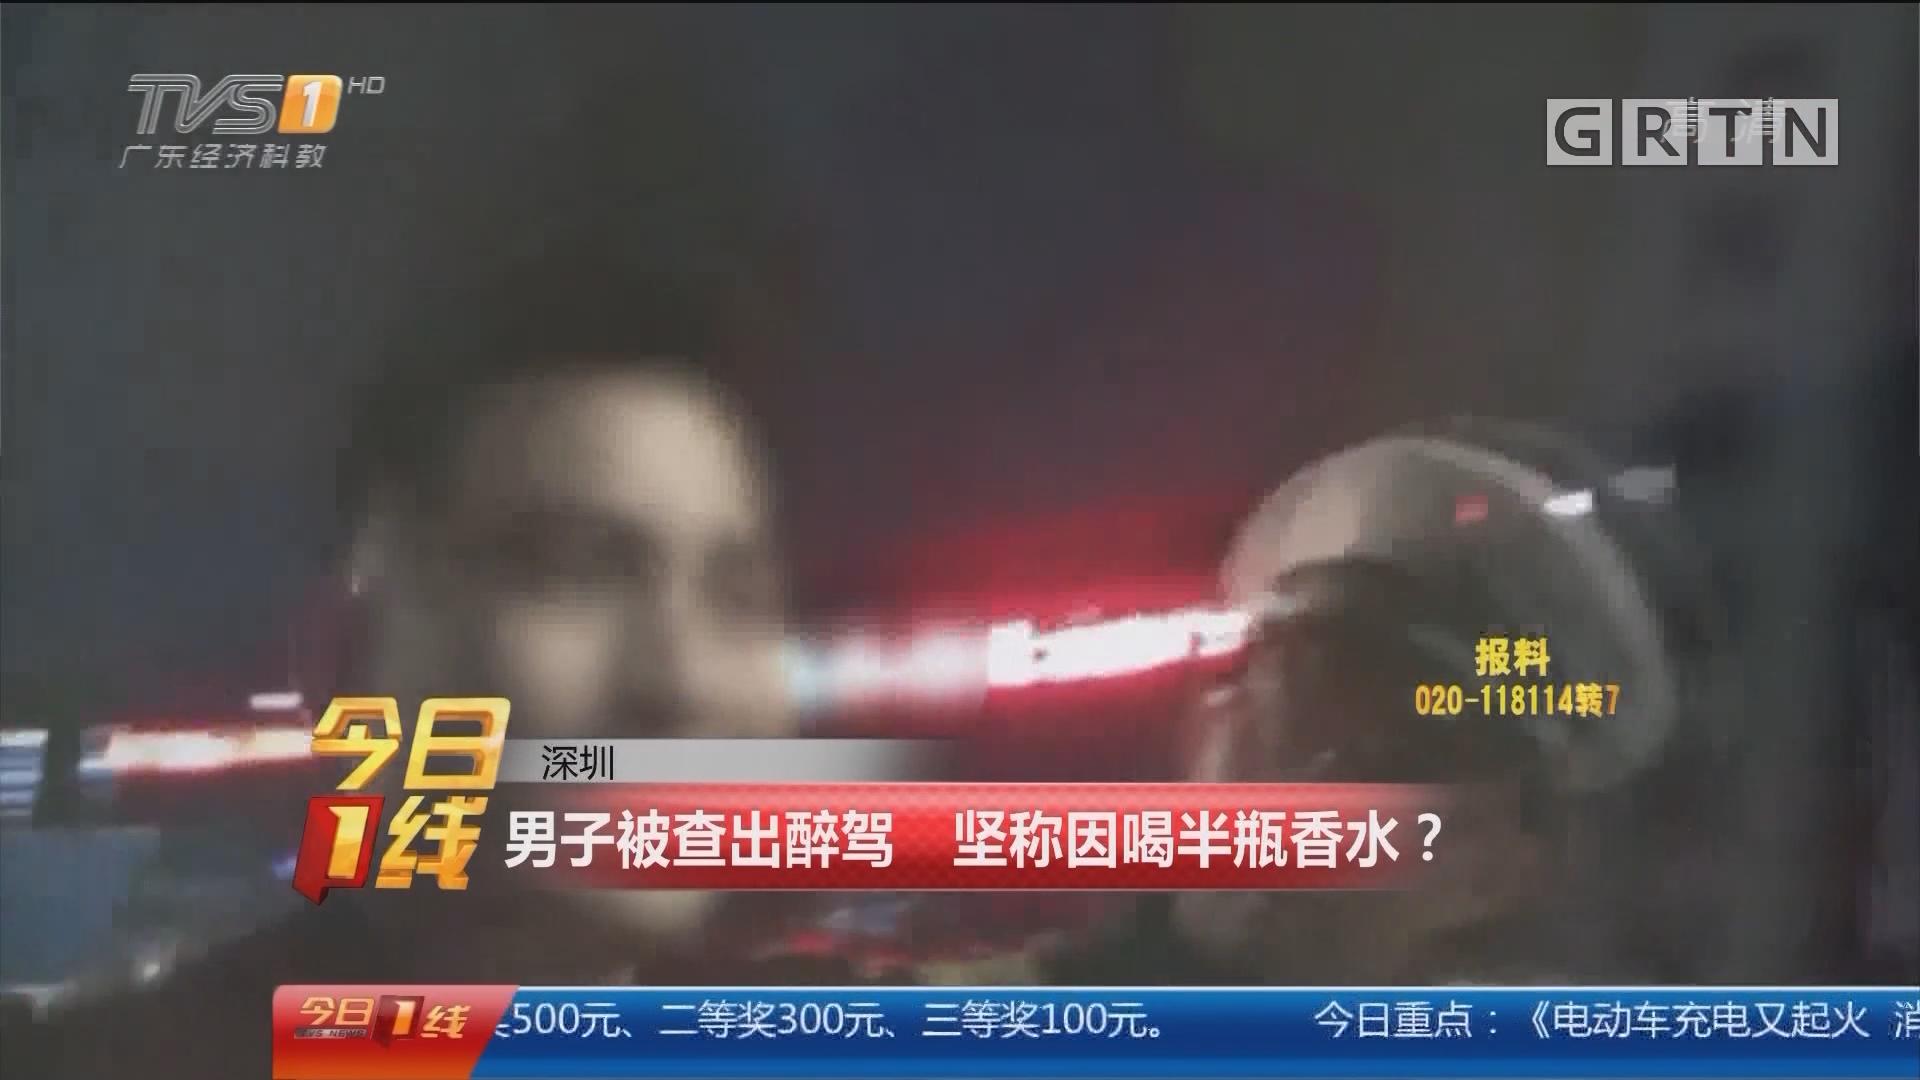 深圳:男子被查出醉驾 坚称因喝半瓶香水?